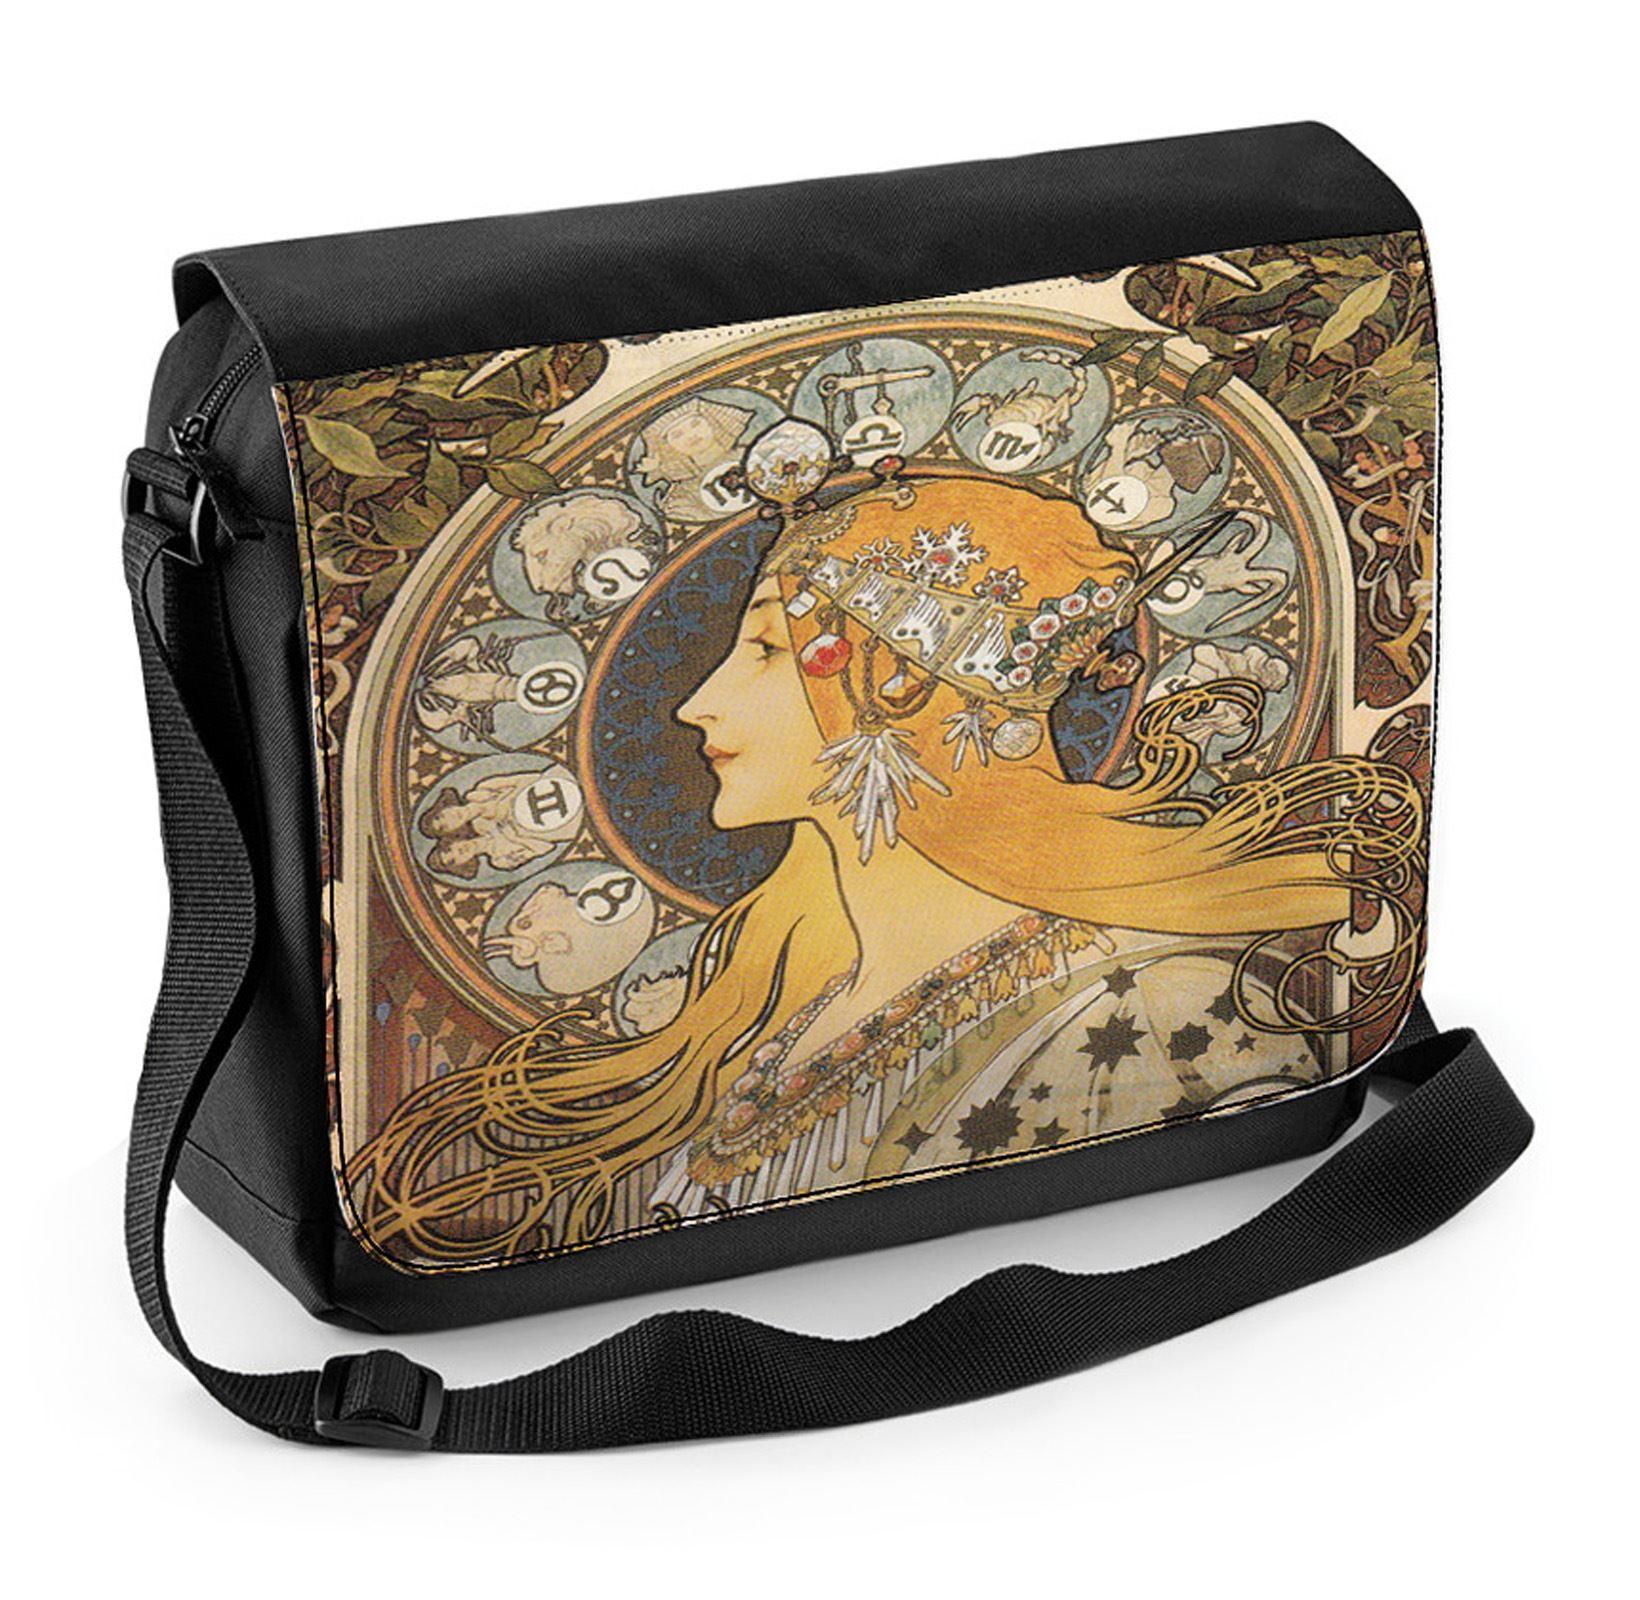 558fc504062 Details about Alphonse Mucha Zodiac Laptop Messenger Bag - Art Nouveau